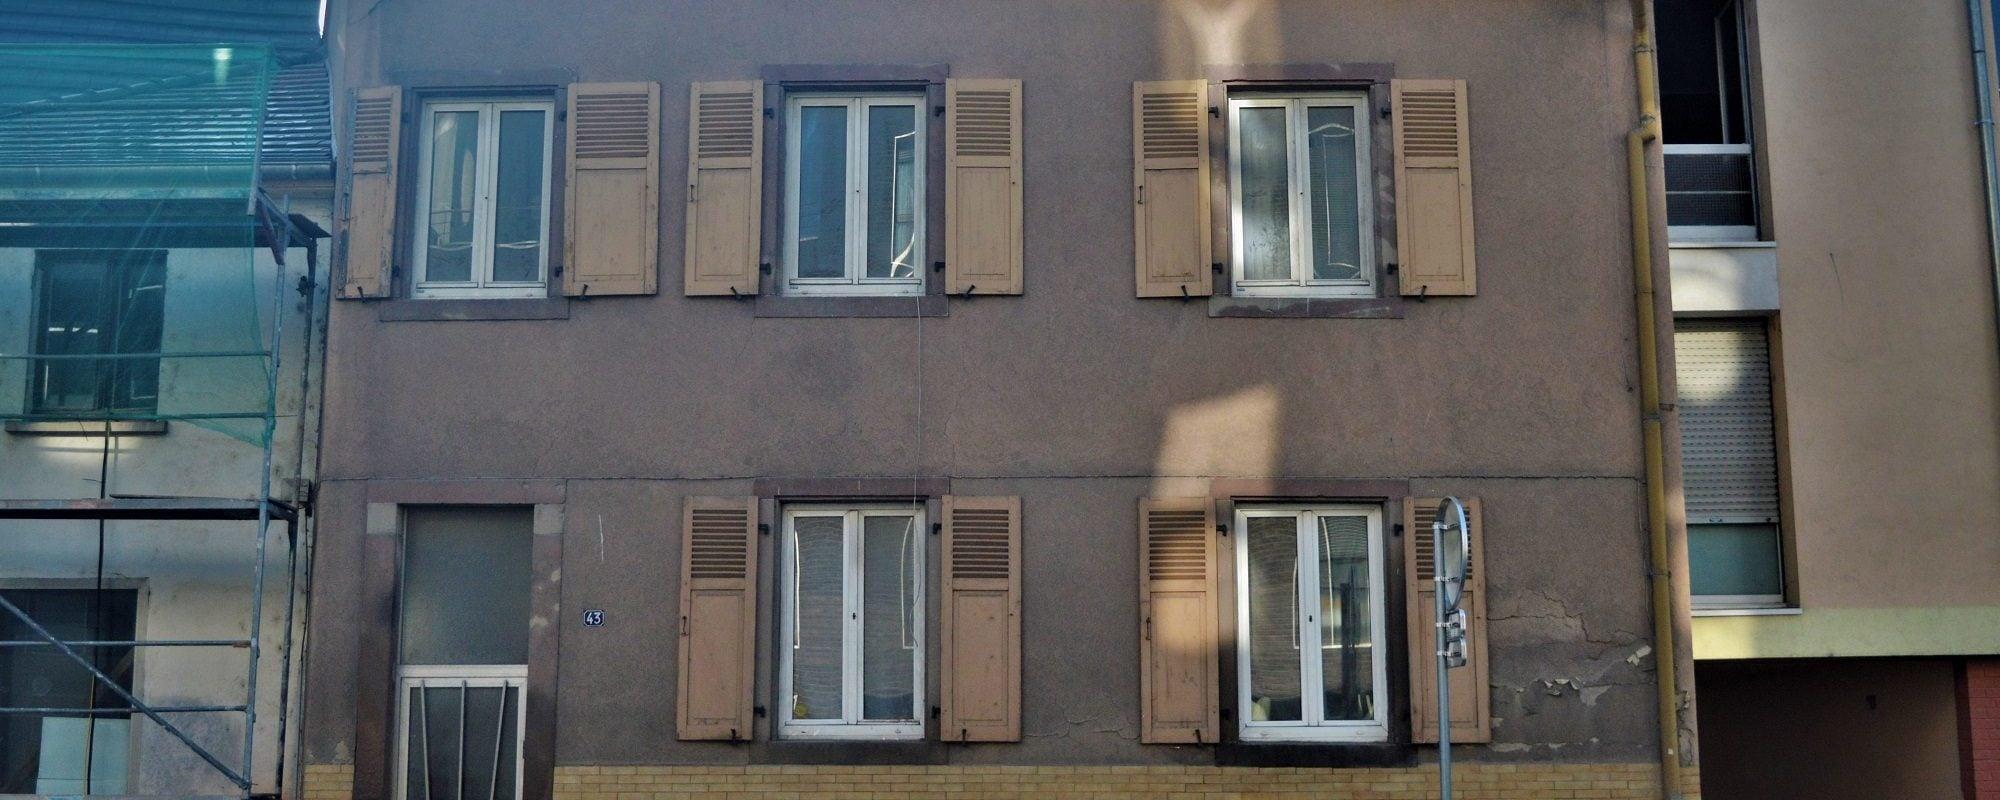 Un nouveau squat d'hébergement et d'activités culturelles ouvre à Cronenbourg